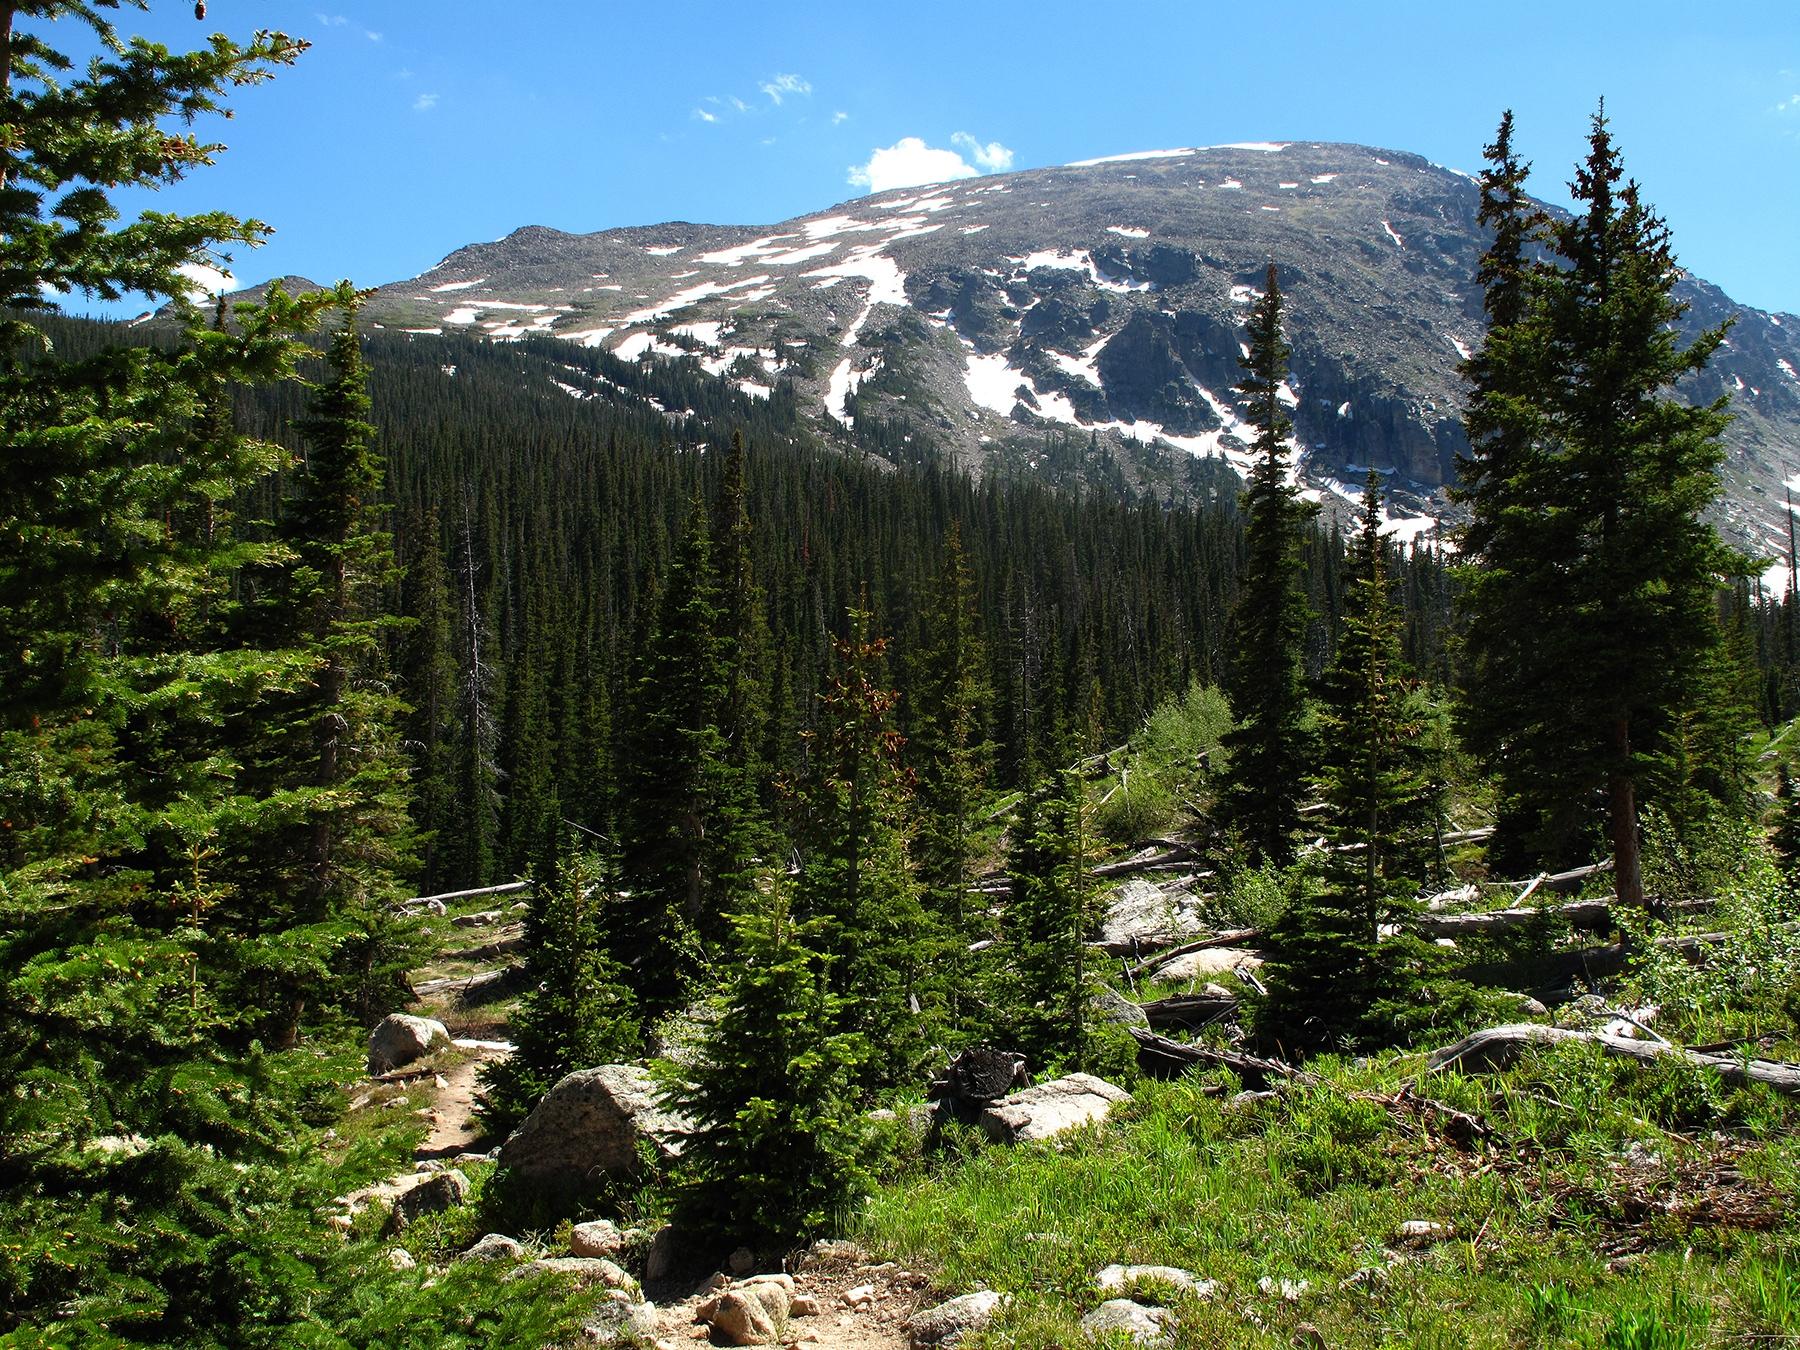 Copeland Mountain - 13,176